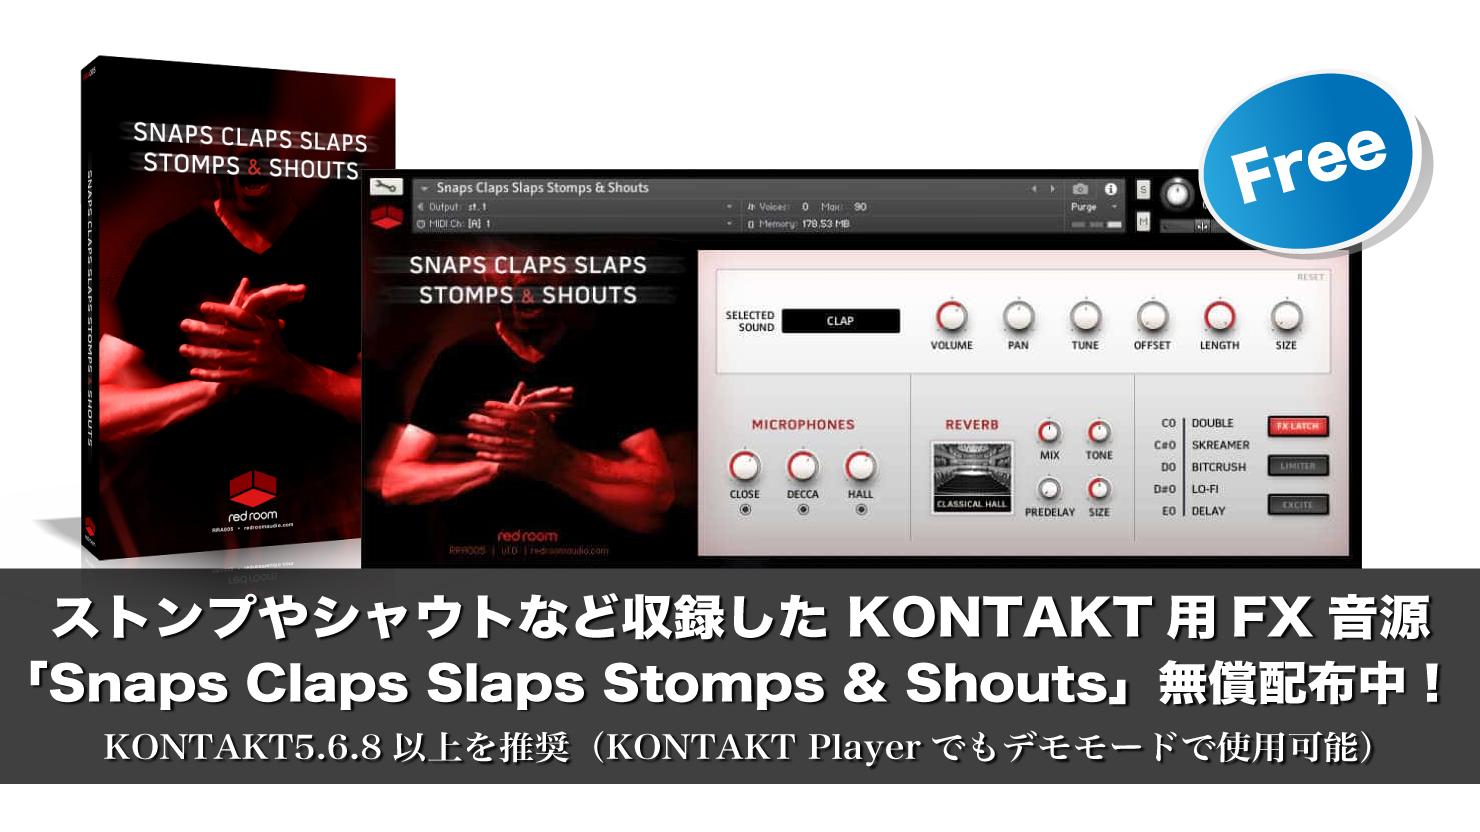 【無料】ストンプやシャウトなど収録した KONTAKT用FX音源「Snaps Claps Slaps Stomps & Shouts」無償配布中!